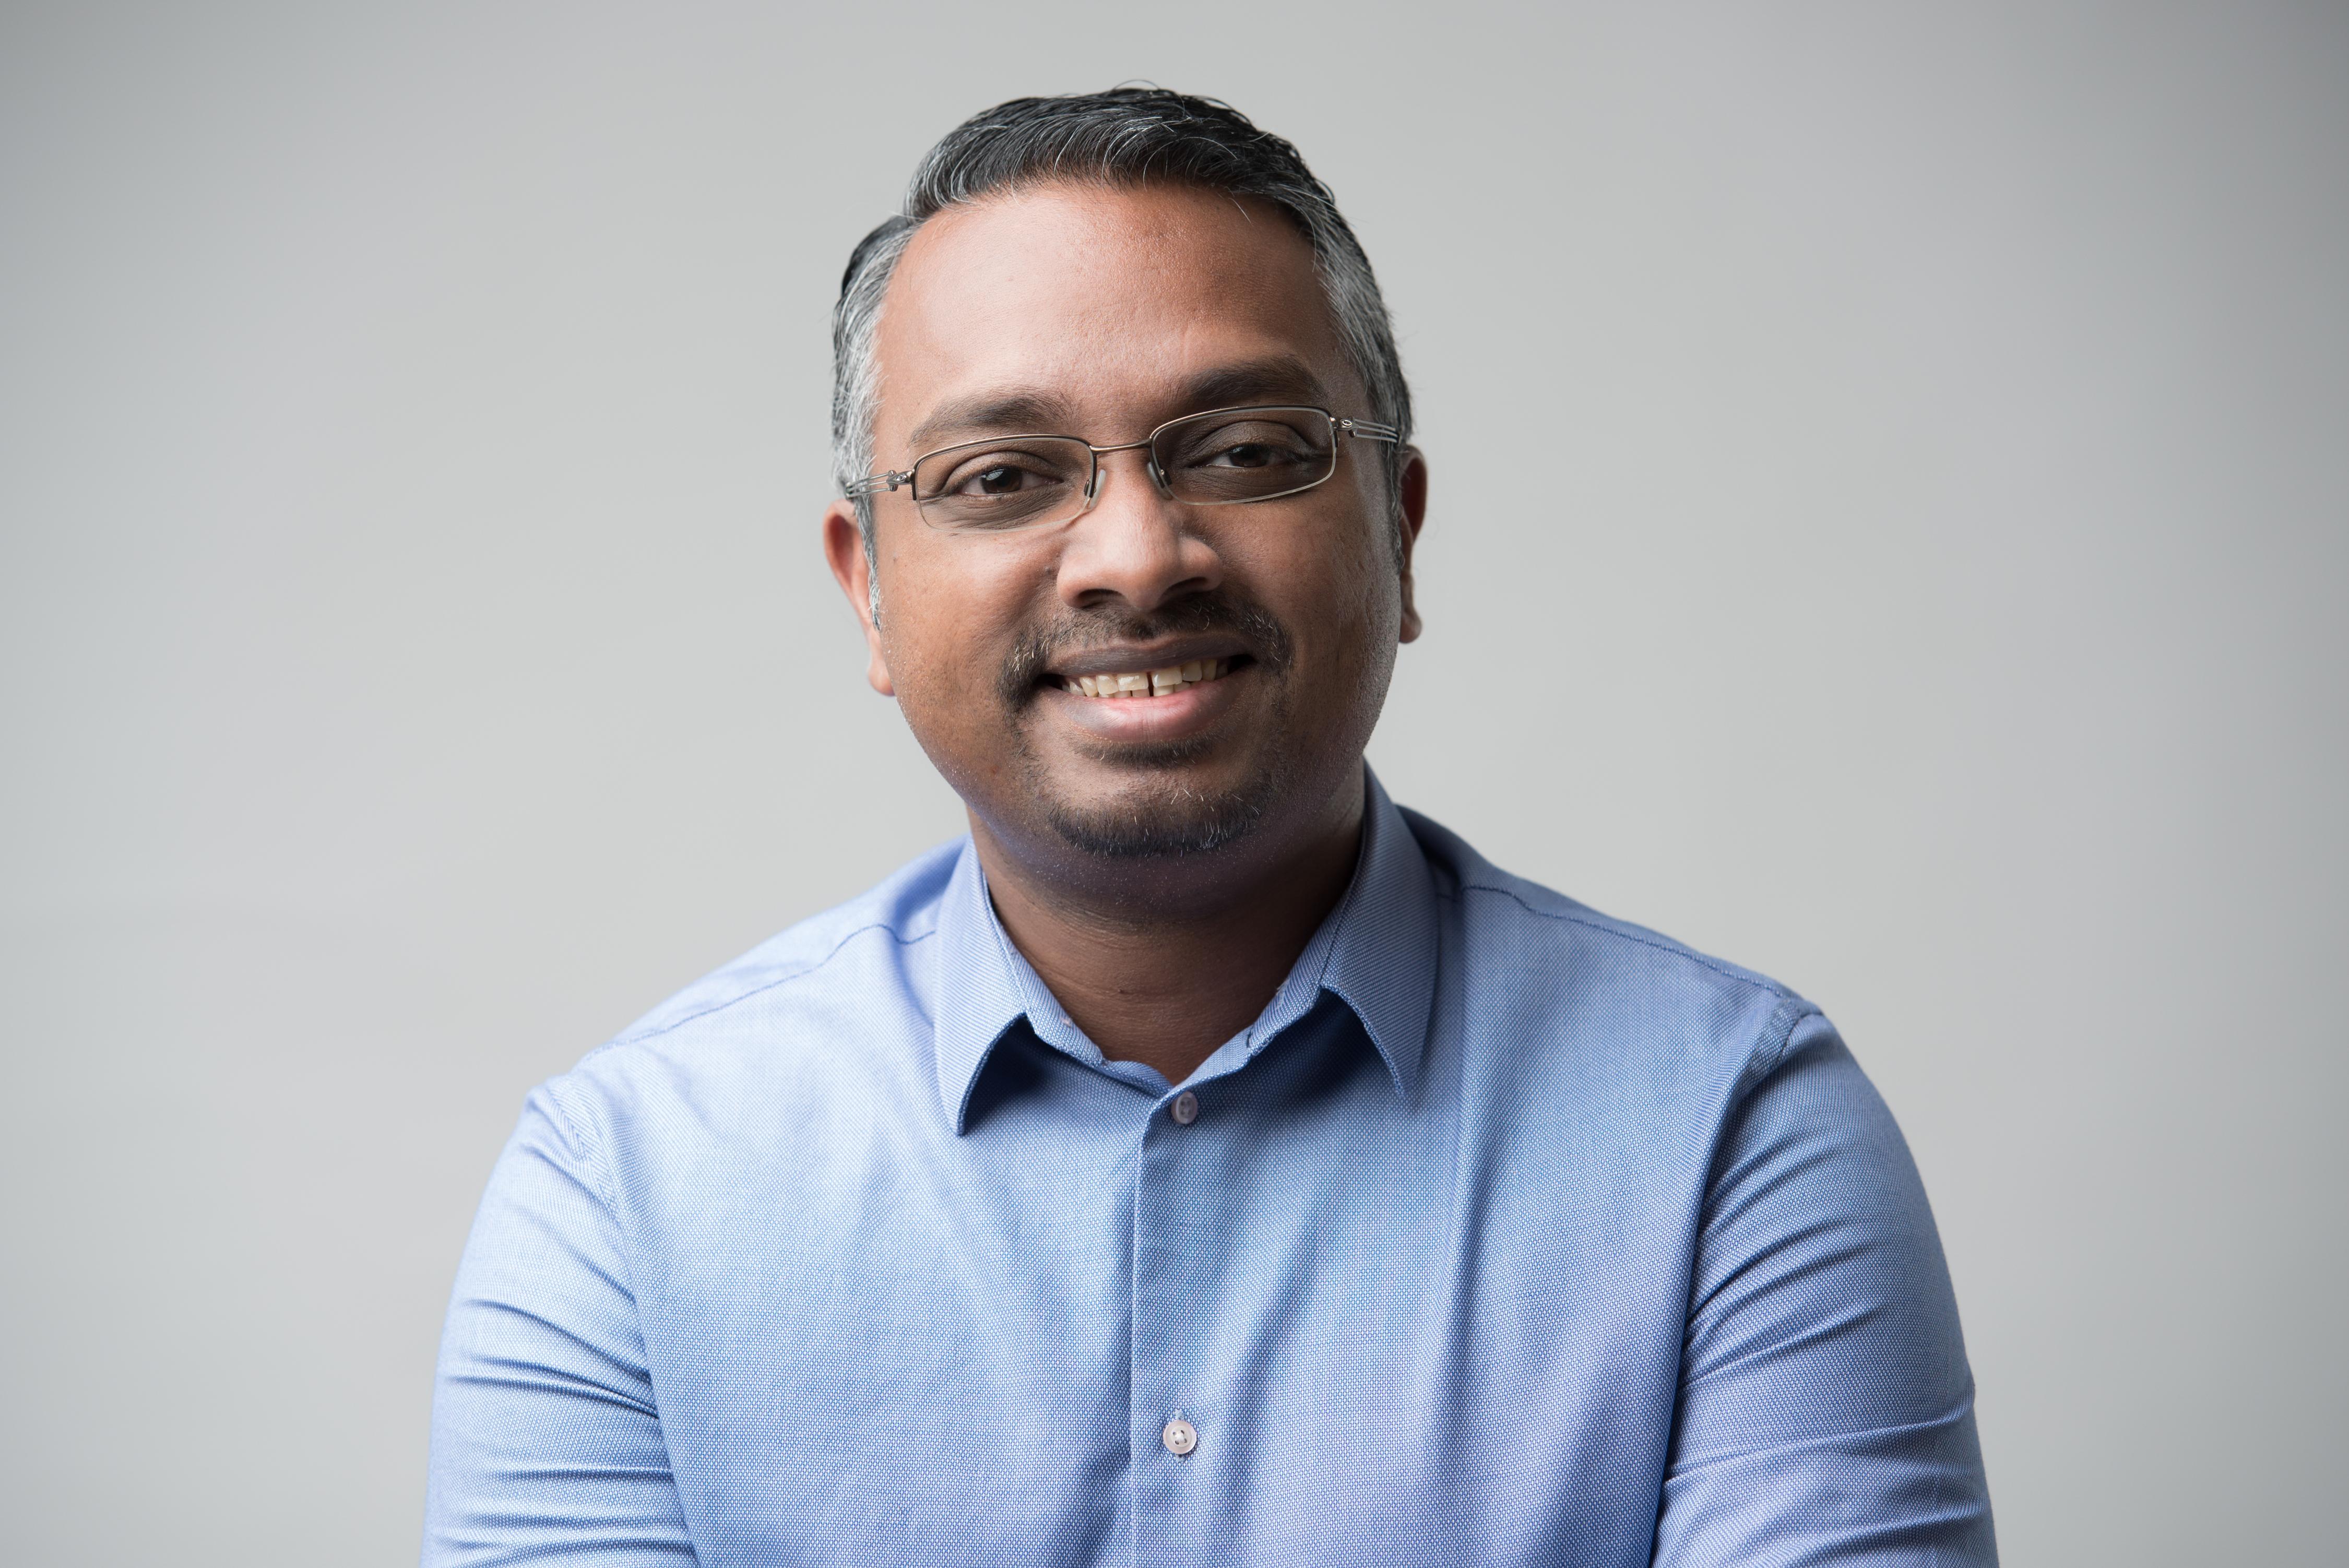 Sudesh Thevasenabathy